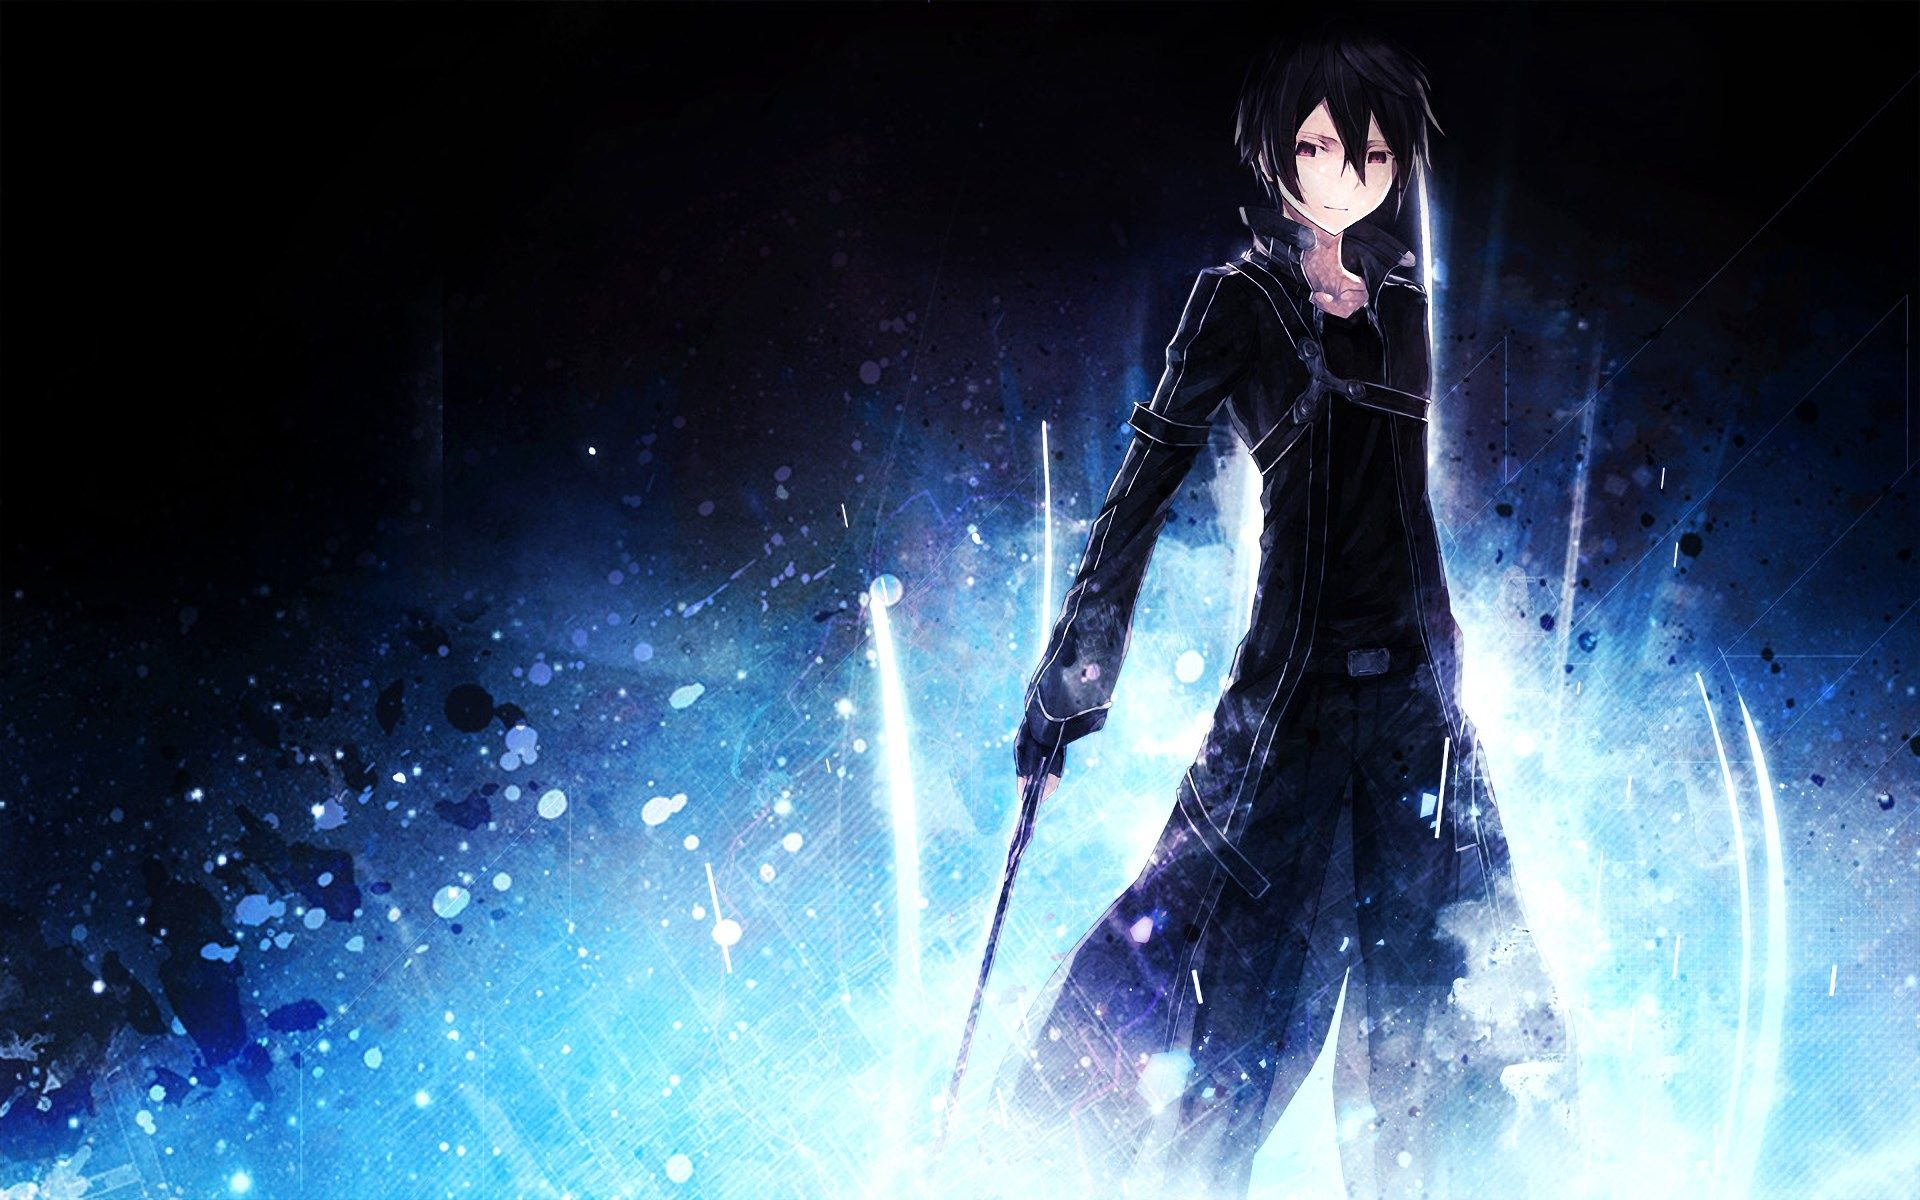 Sword Art Online Full Hd Background 1920x1200 Sword Art Online Season Sword Art Online Wallpaper Sword Art Online Asuna